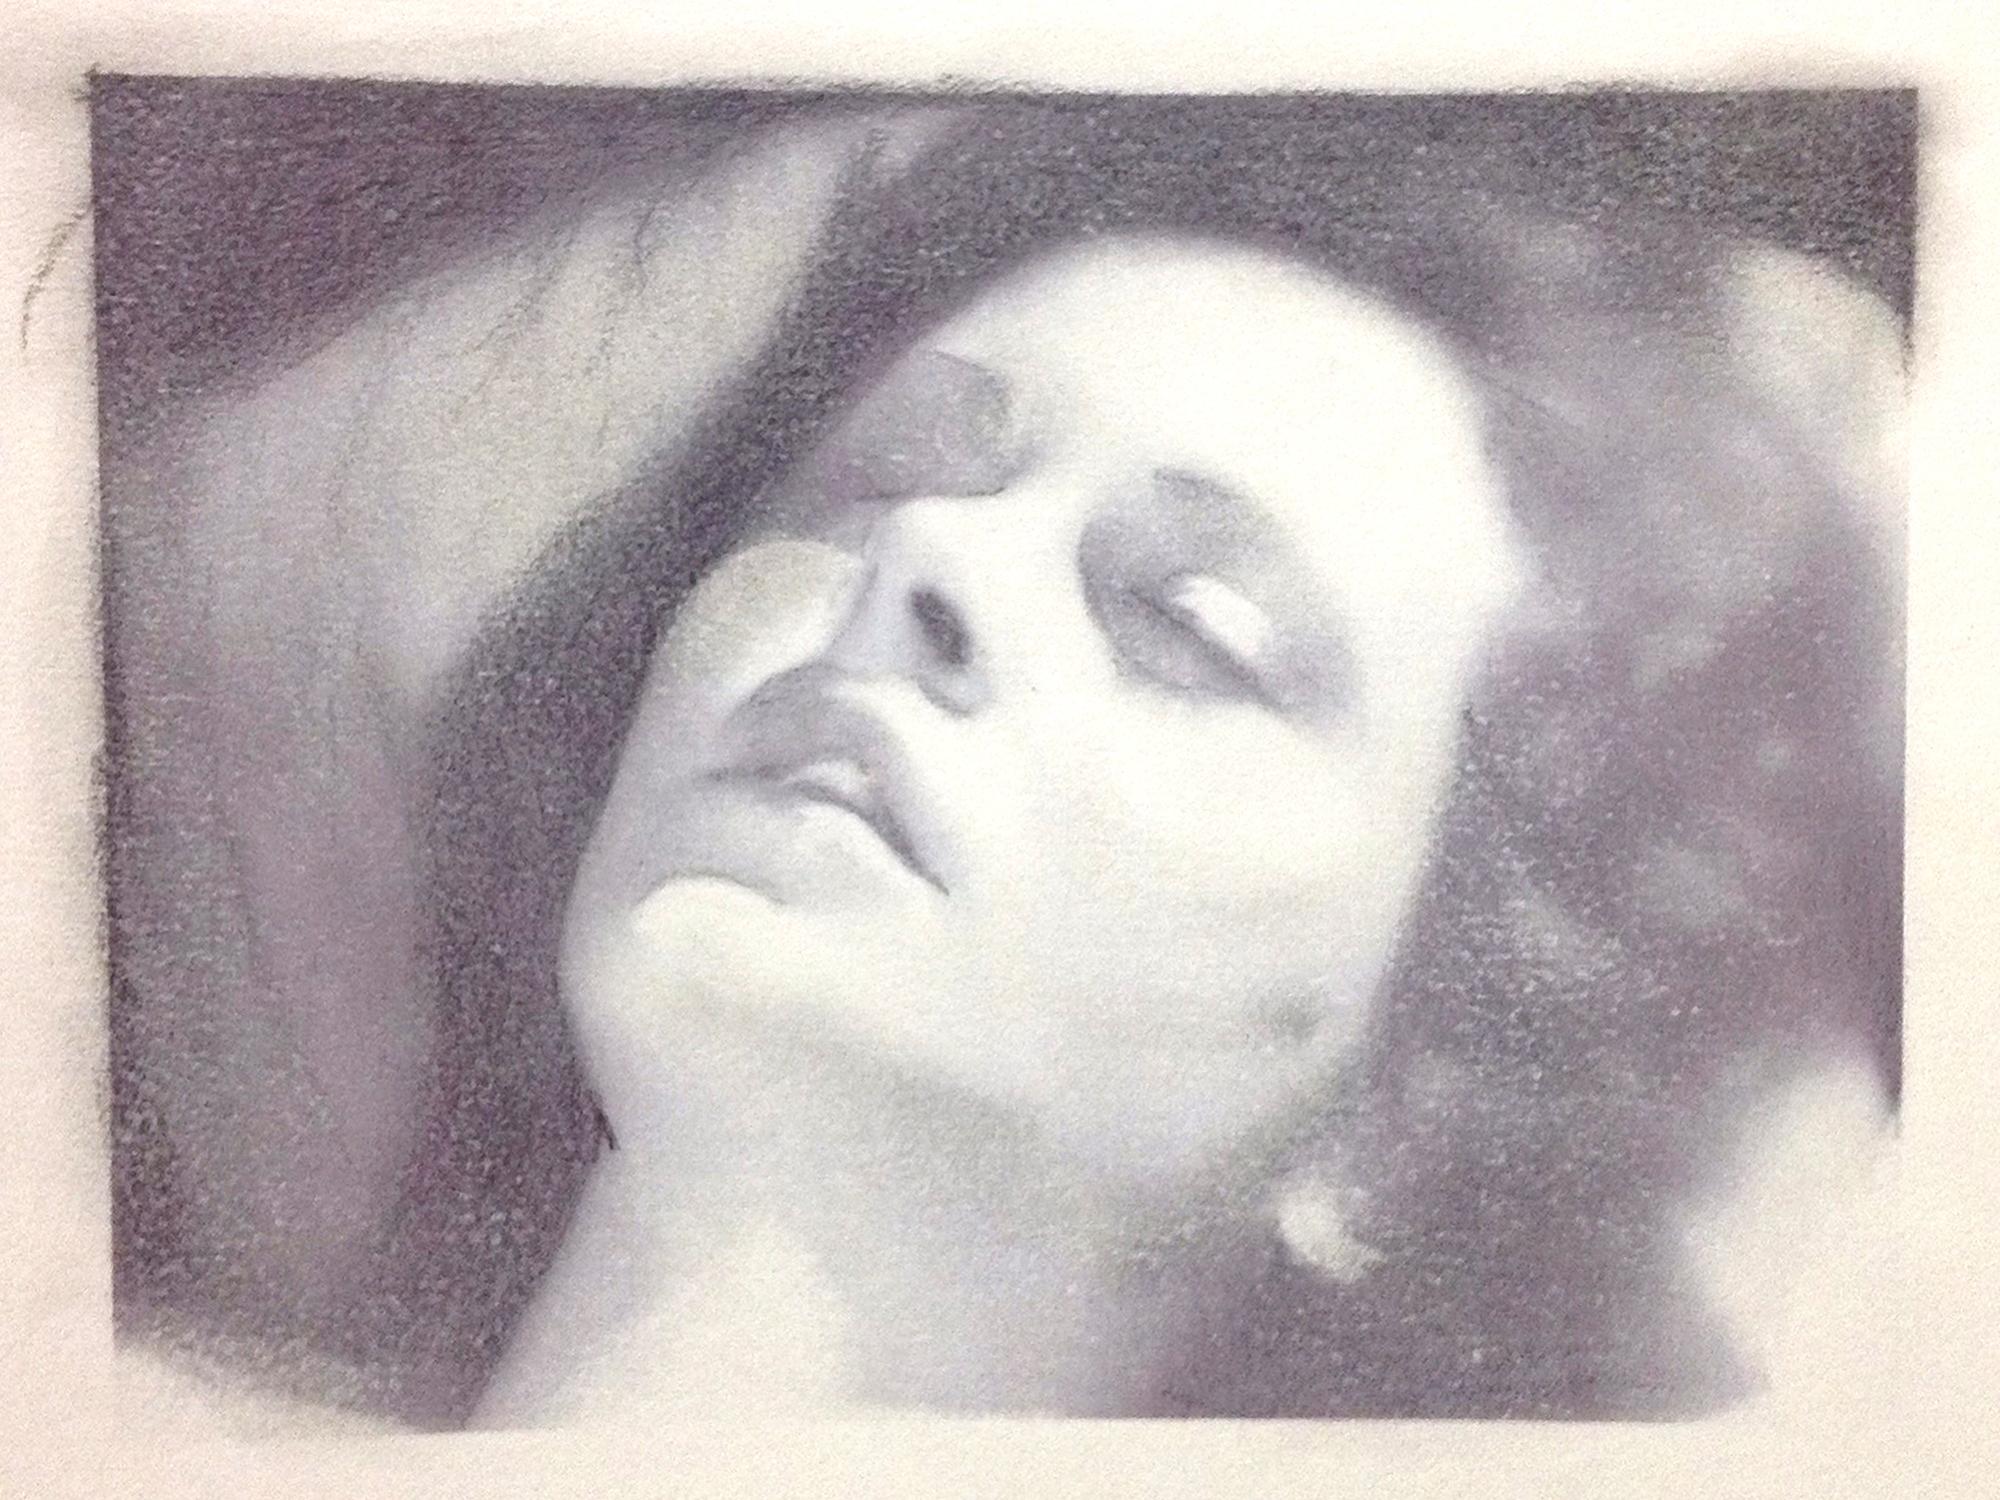 Garza_Hedy Lamarr_MONACO WEBSITE.jpg